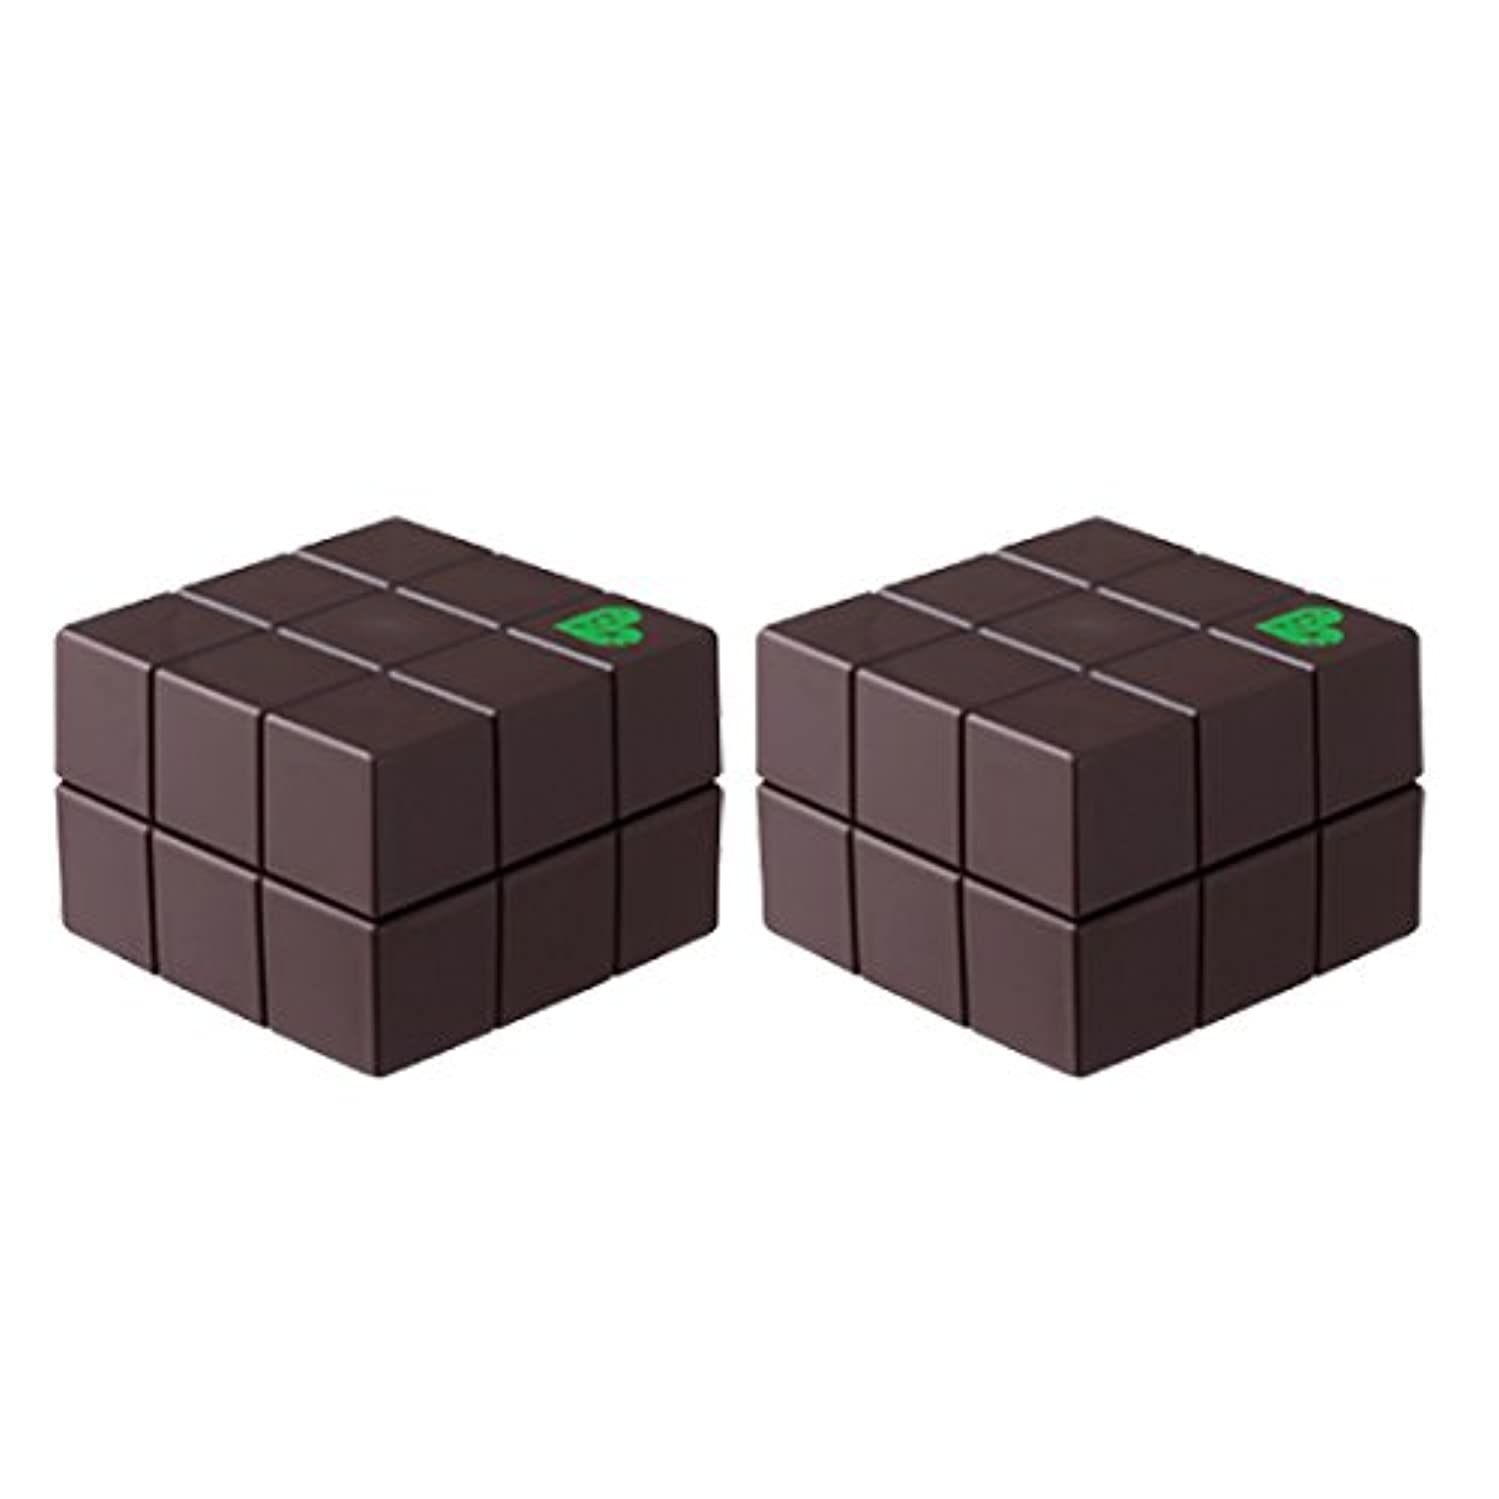 答えエンジニアリング装備する【x2個セット】 アリミノ ピース プロデザインシリーズ ハードワックス チョコ 40g